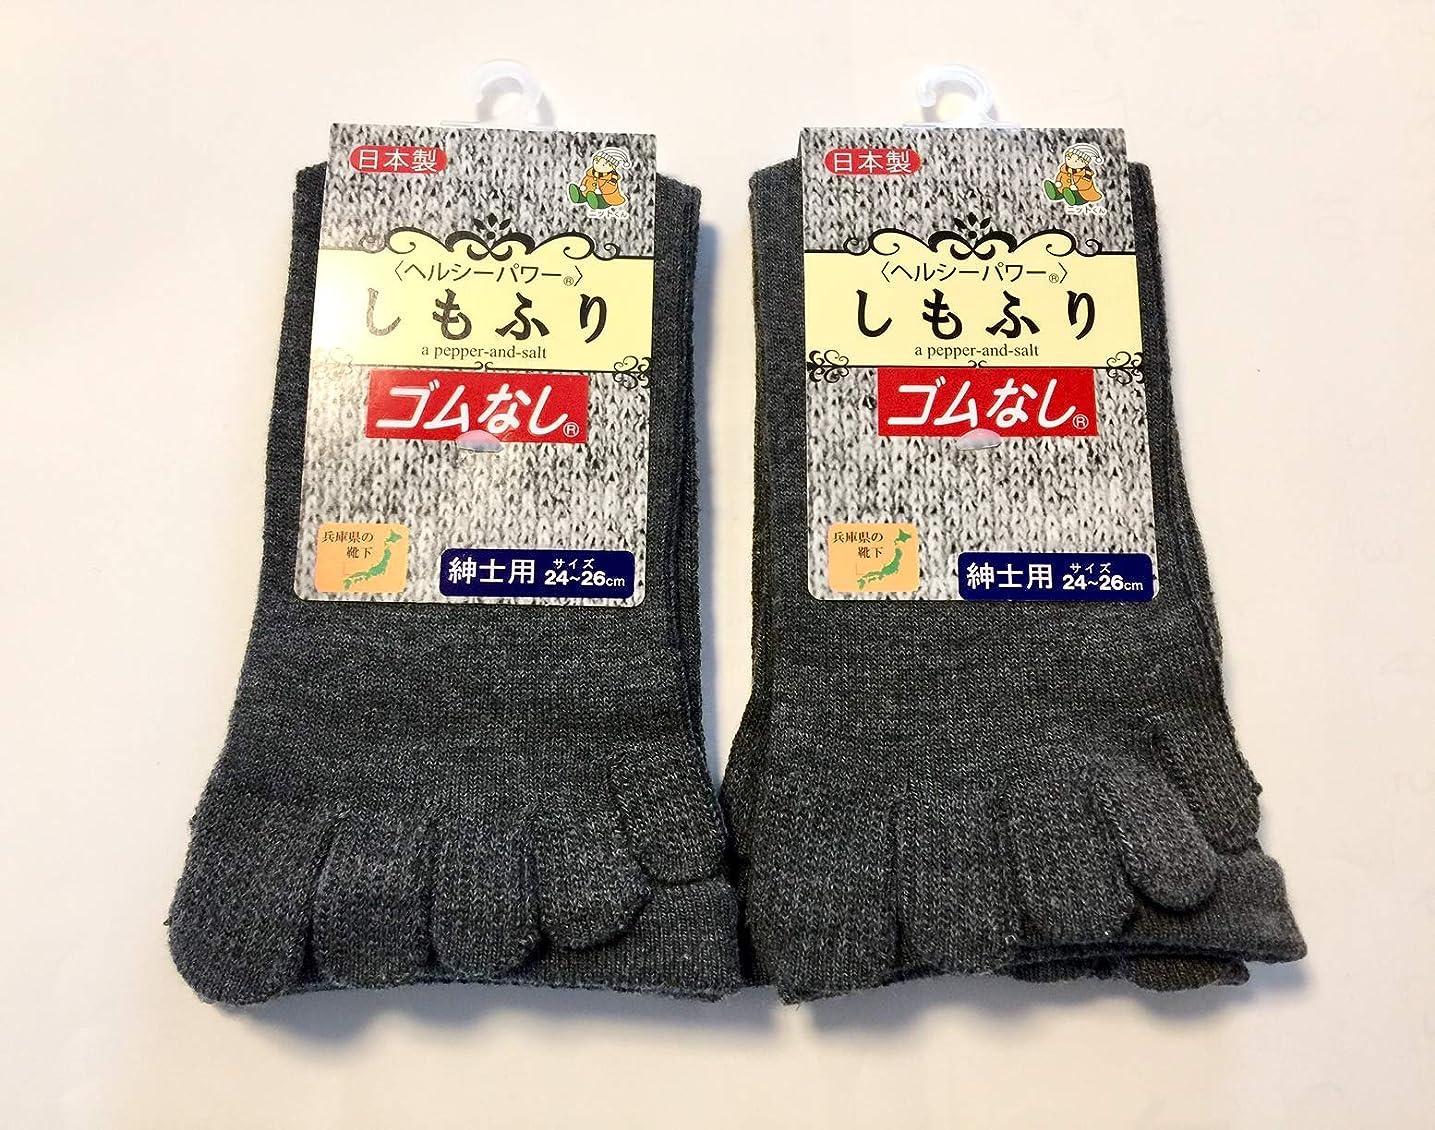 句鼻ゴミ日本製 5本指ソックス メンズ 口ゴムなし しめつけない靴下 24~26cm チャコール2足組